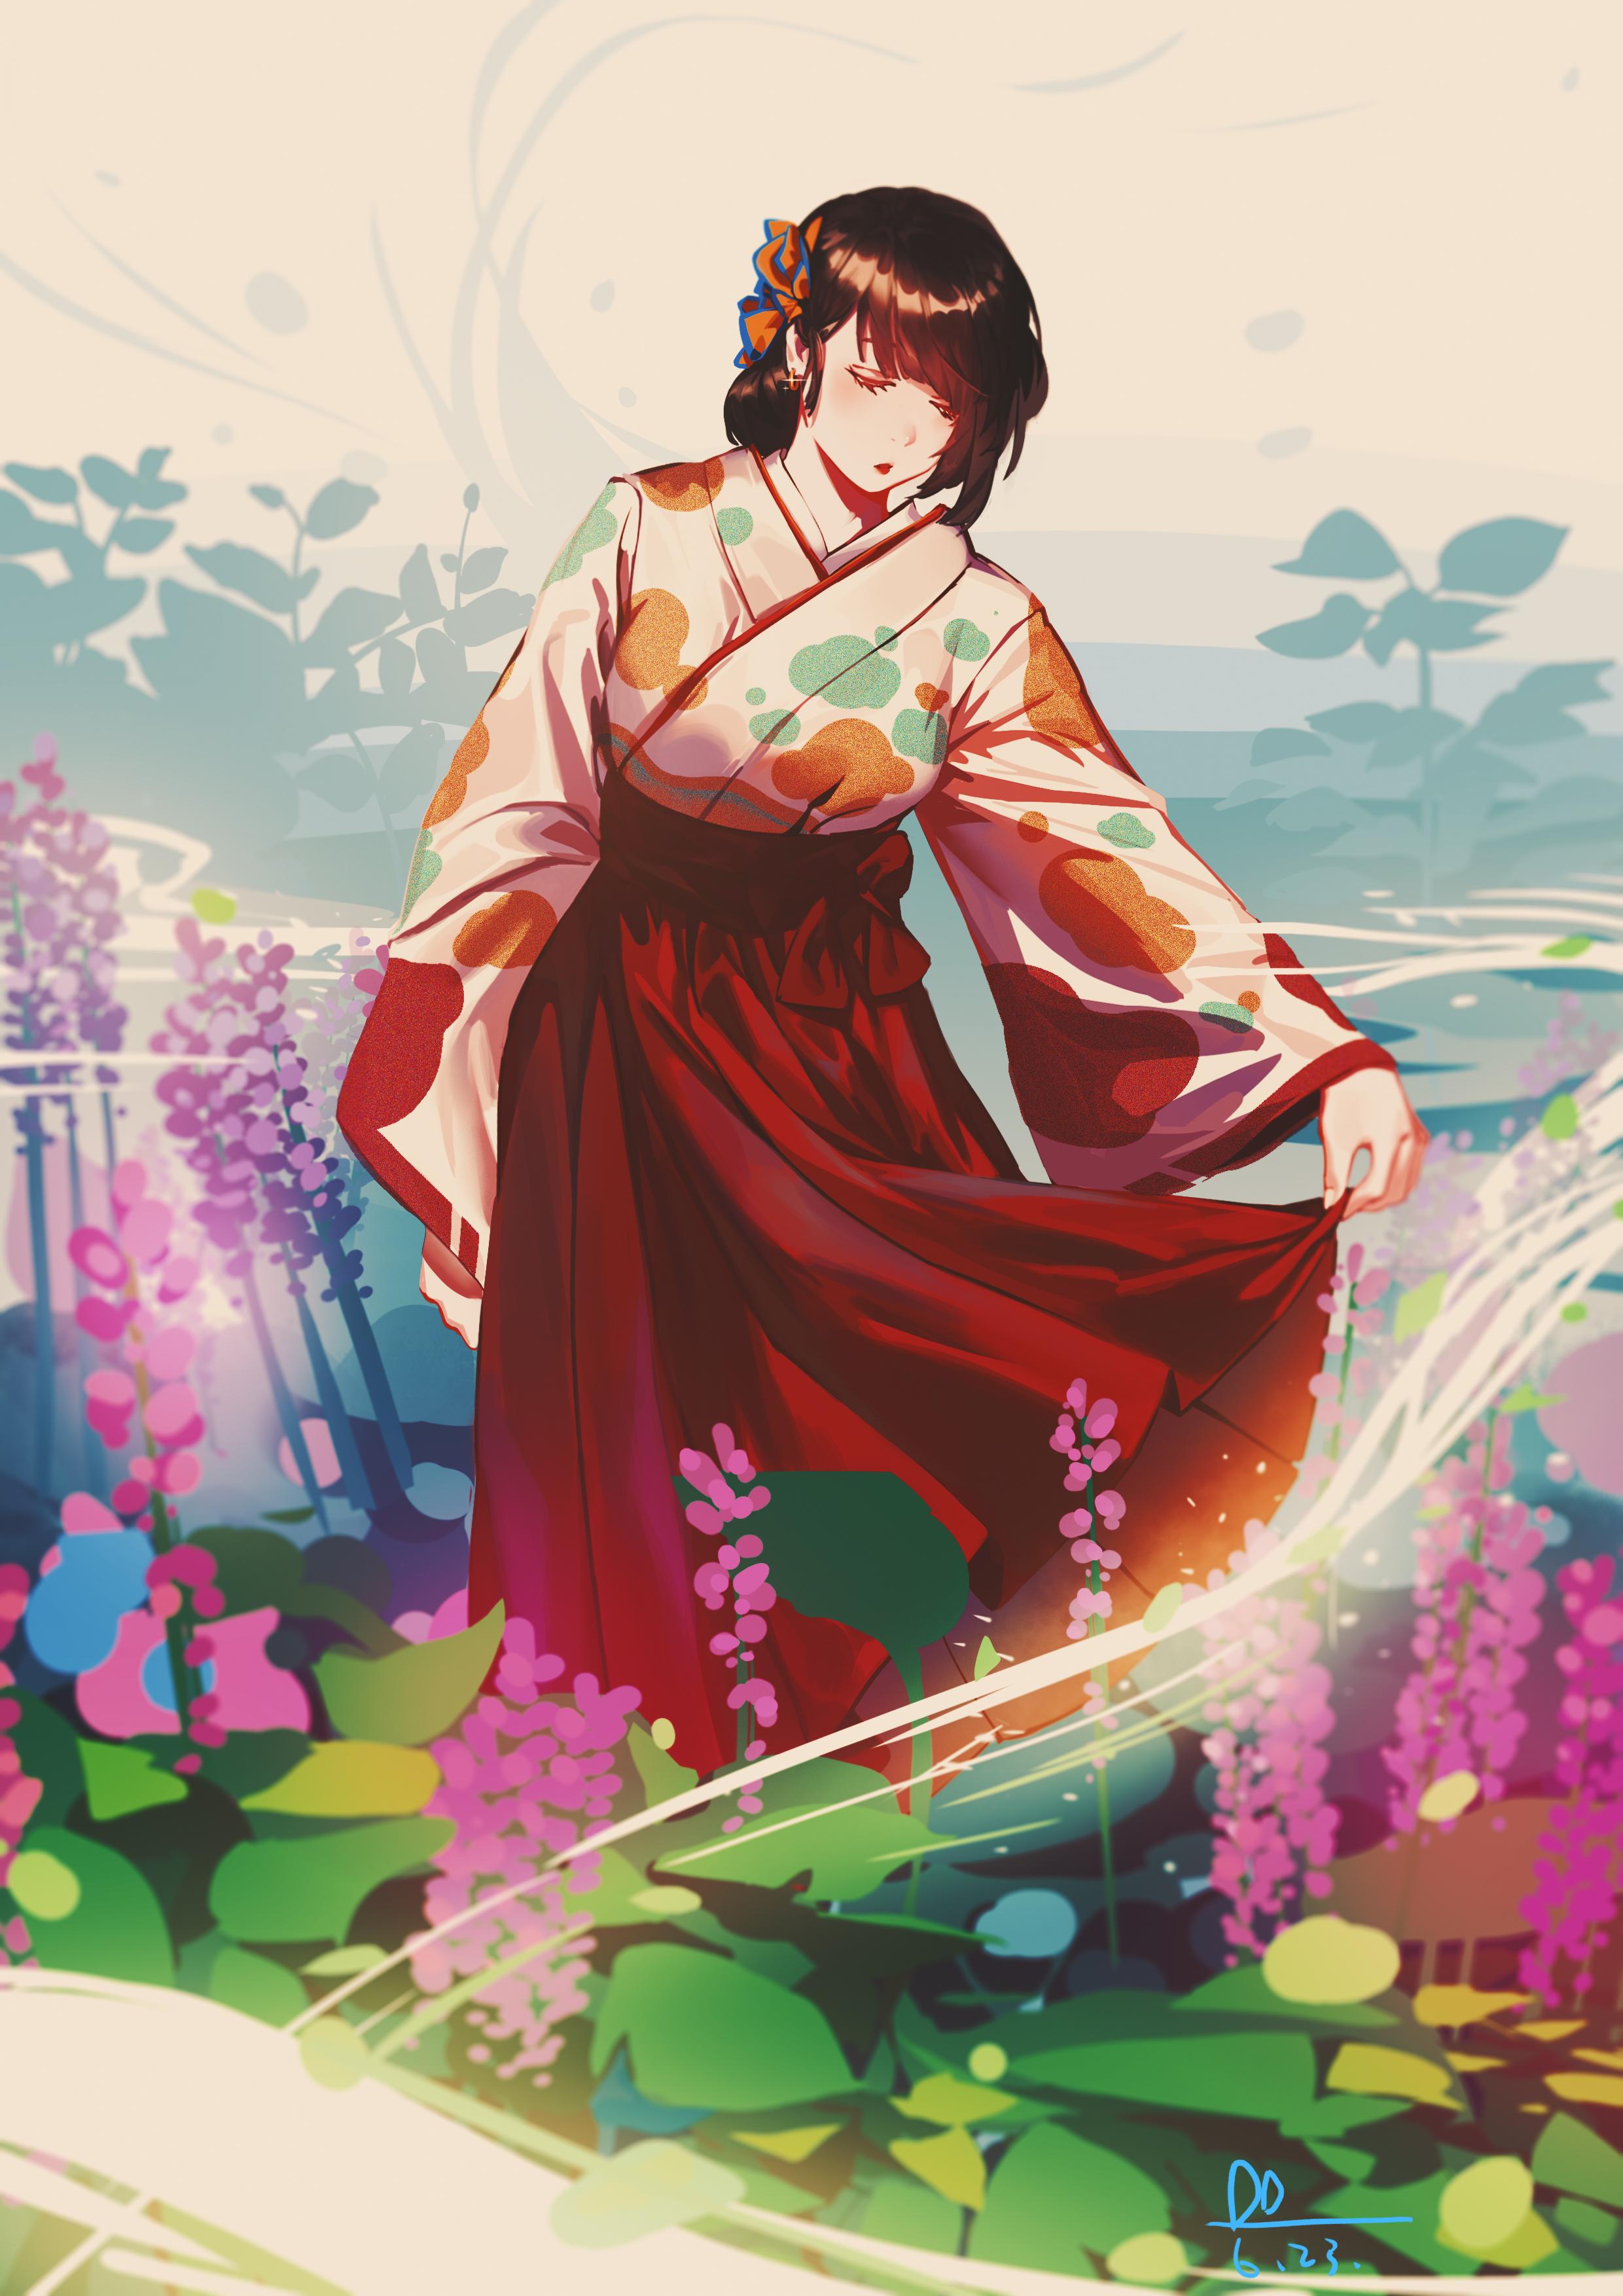 70191 скачать обои Девушка, Взгляд, Кимоно, Аниме, Арт, Япония - заставки и картинки бесплатно